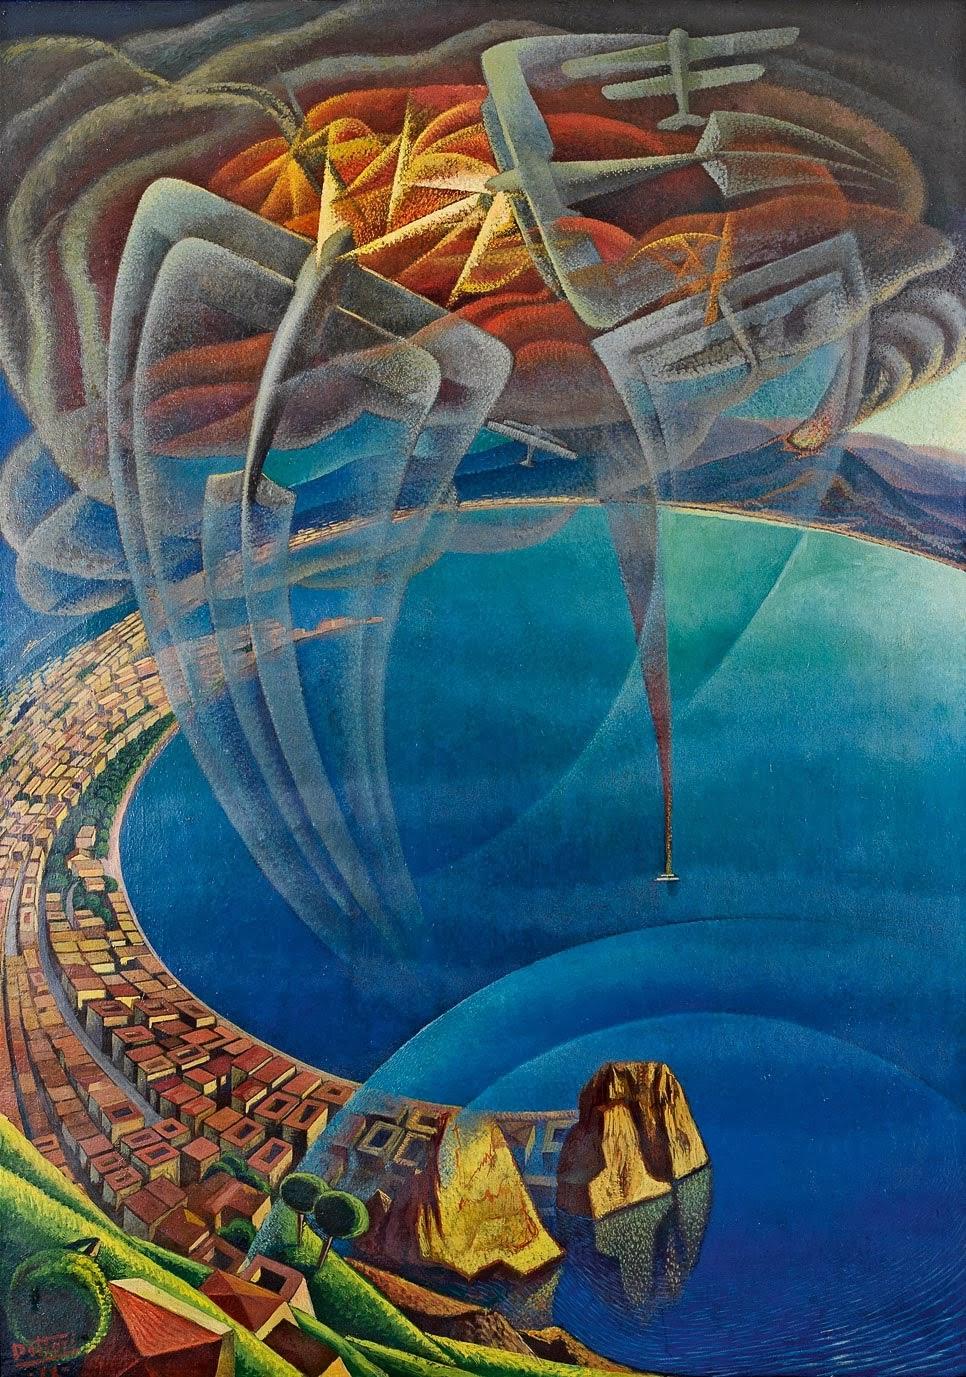 Batalla aérea sobre o golfo de Nápoles - Gerardo DottoriA imagem busca retratar uma batalha aérea e o quanto ela foi intensa. Para passar tal mensagem, o autor faz uso de traços que não fazem parte do avião em si, e sim representam o movimento deste.